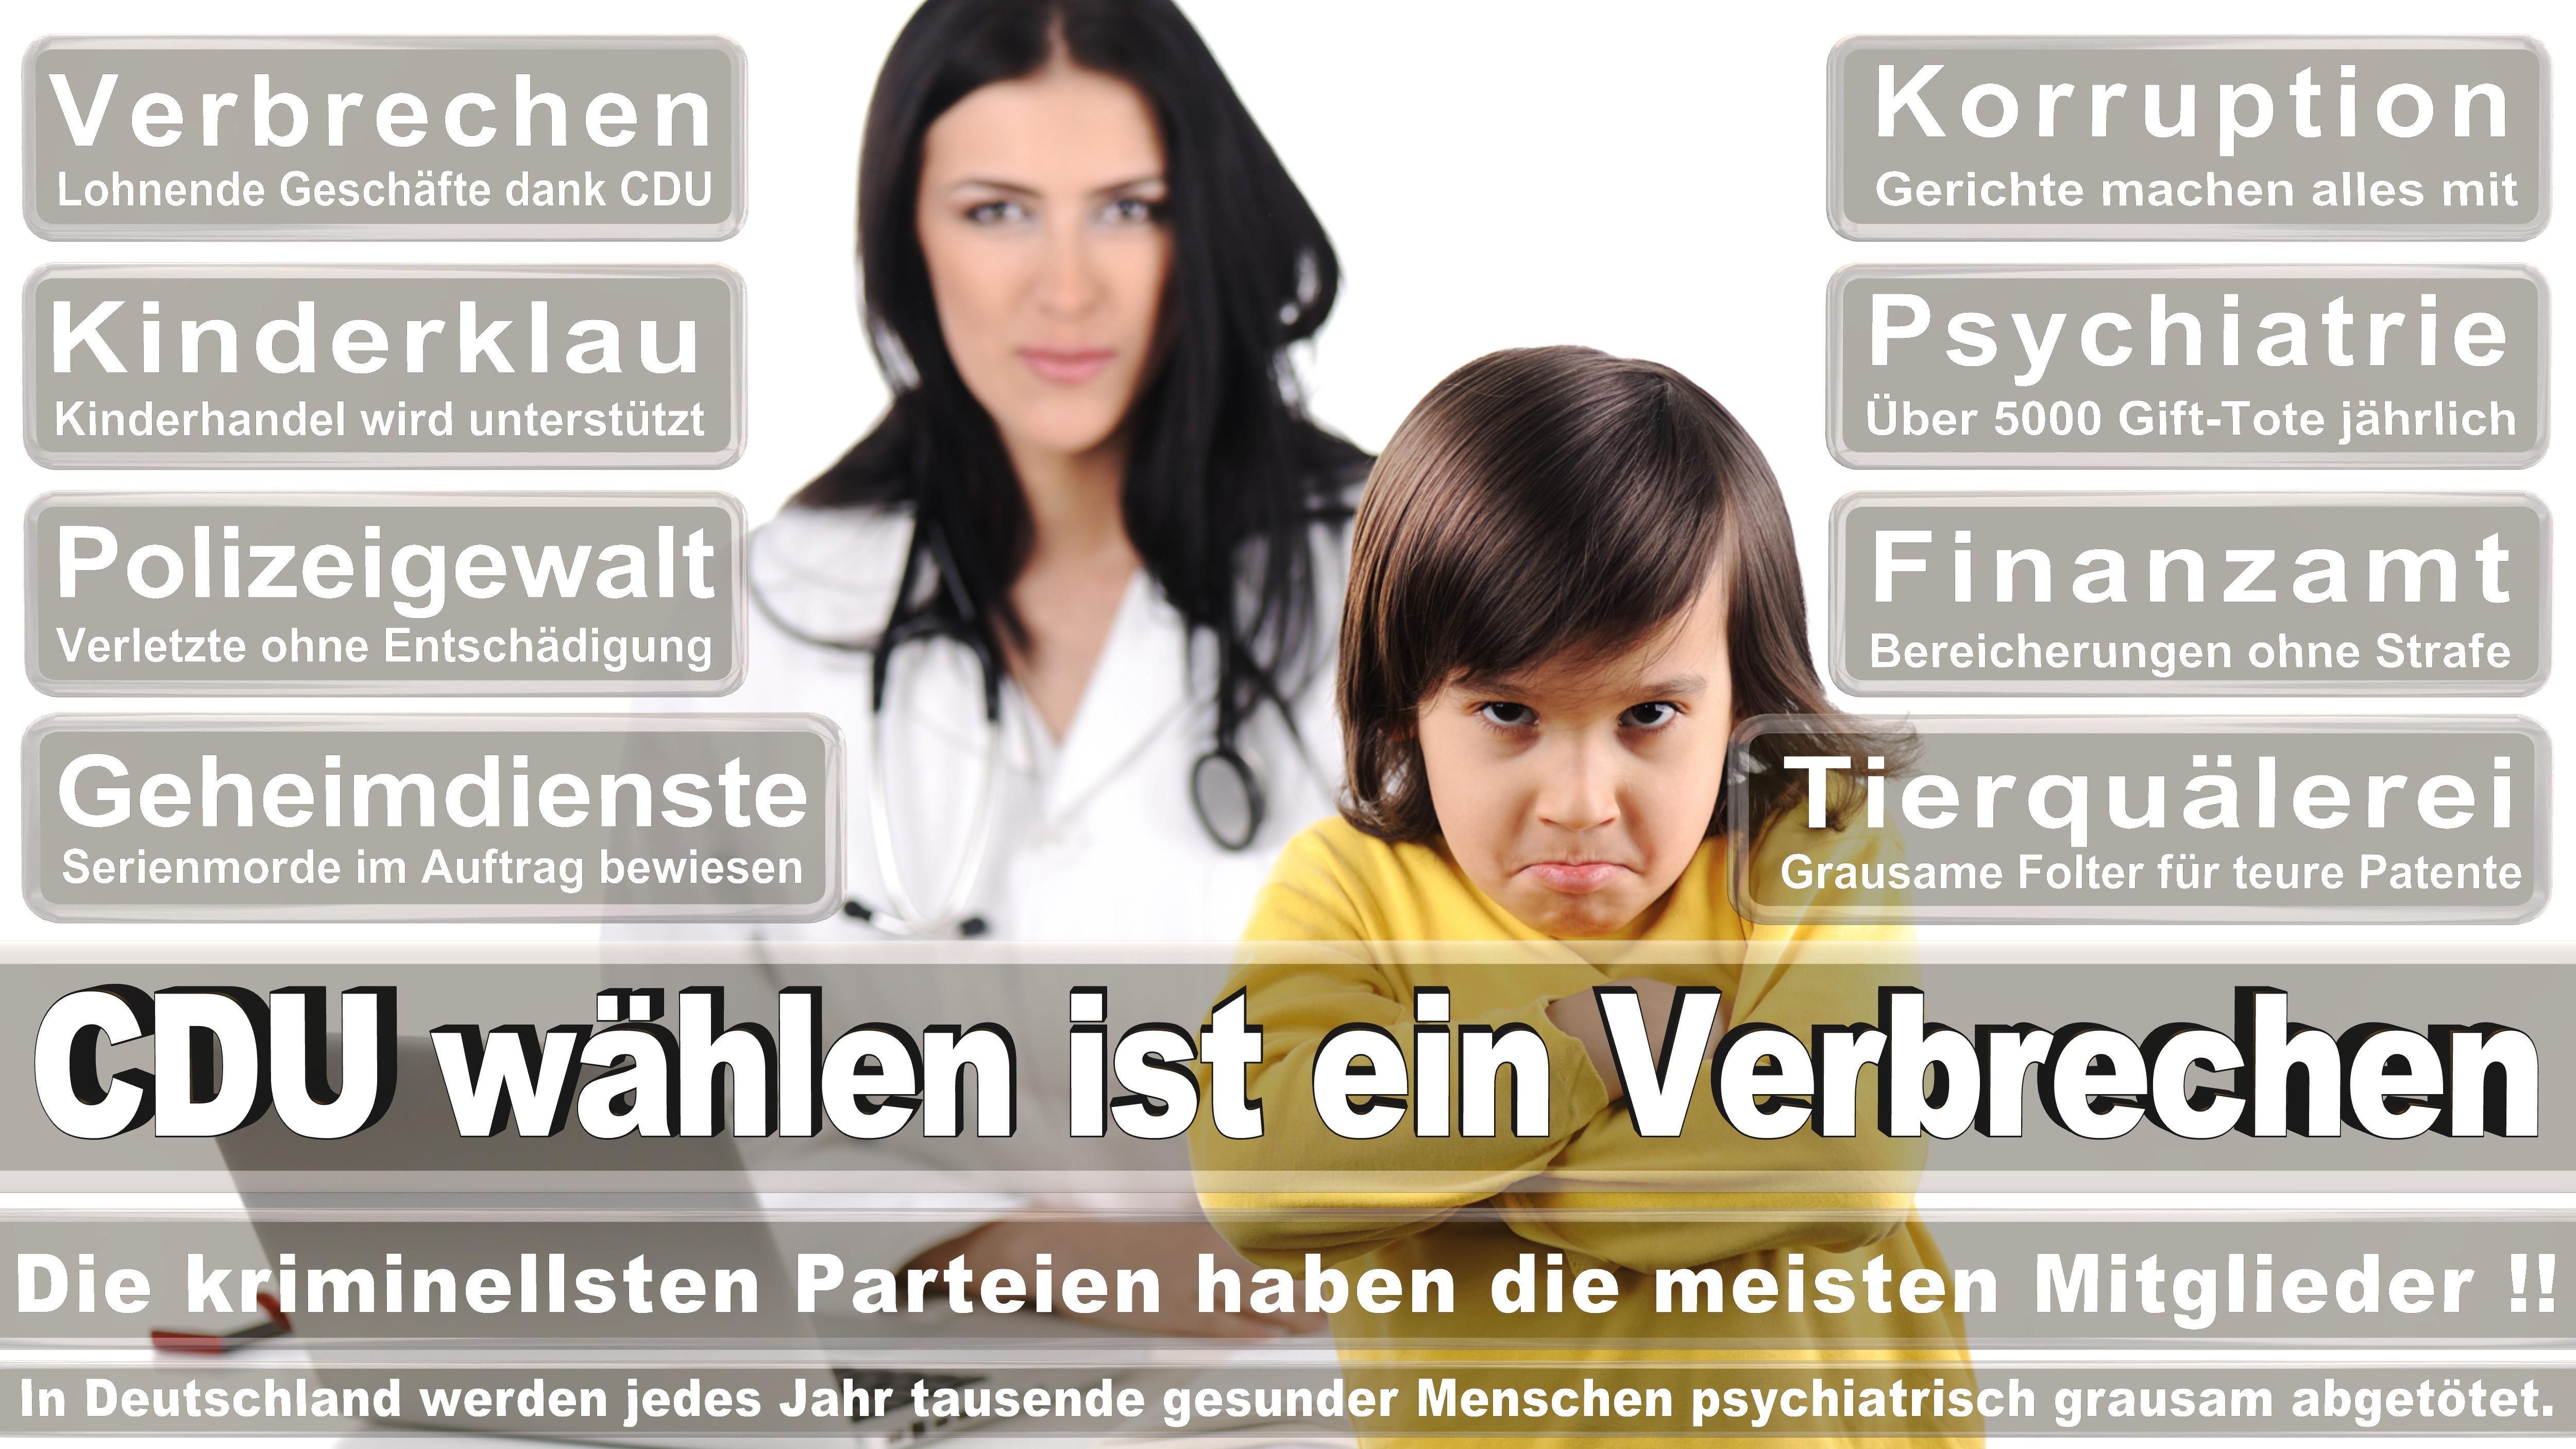 Diether Dehm DIE LINKE Niedersachsen Politiker Deutschland